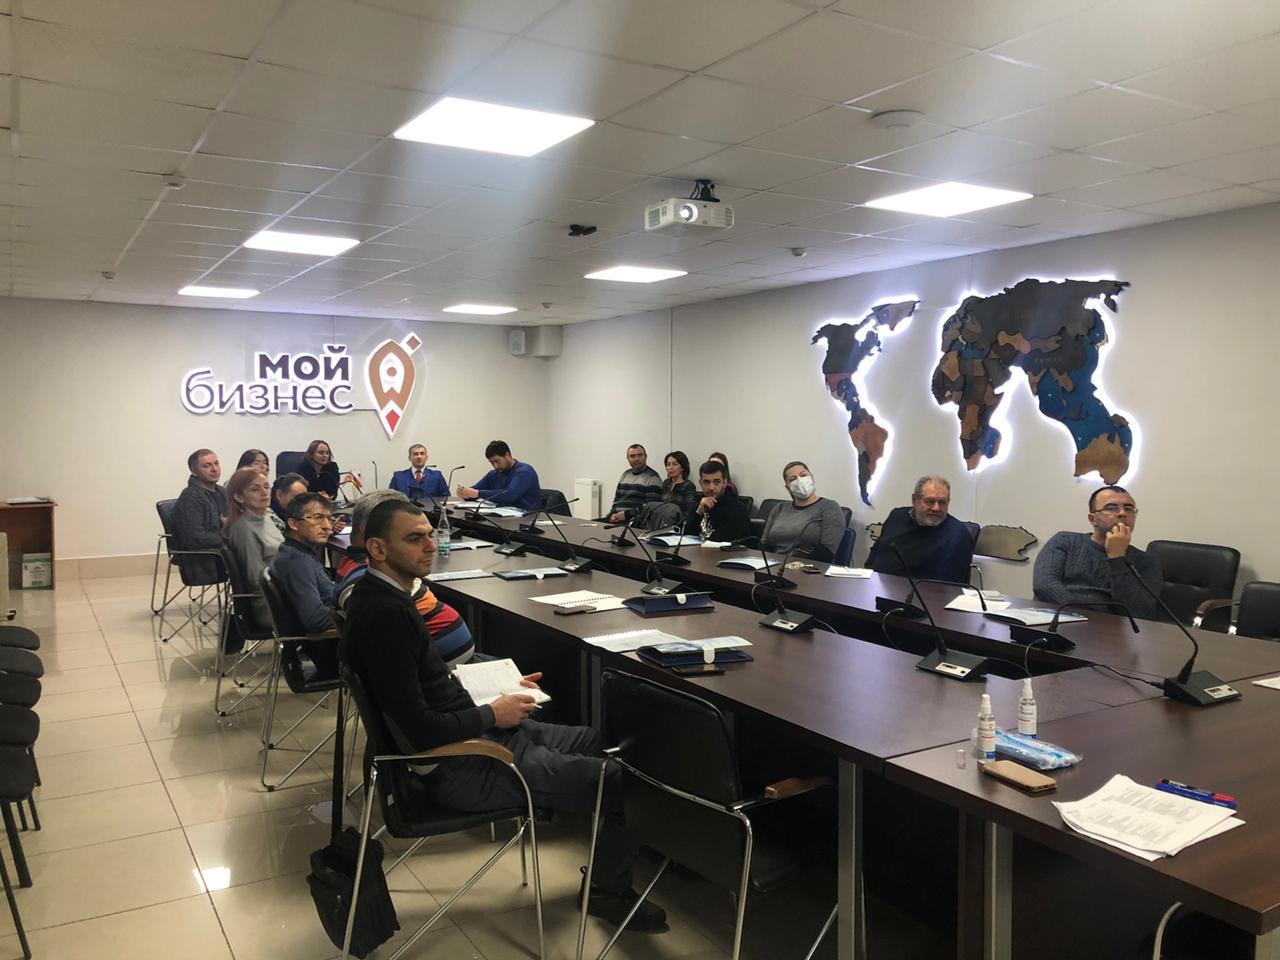 Проведён семинар на тему «Эффективная коммуникация для экспортёров»